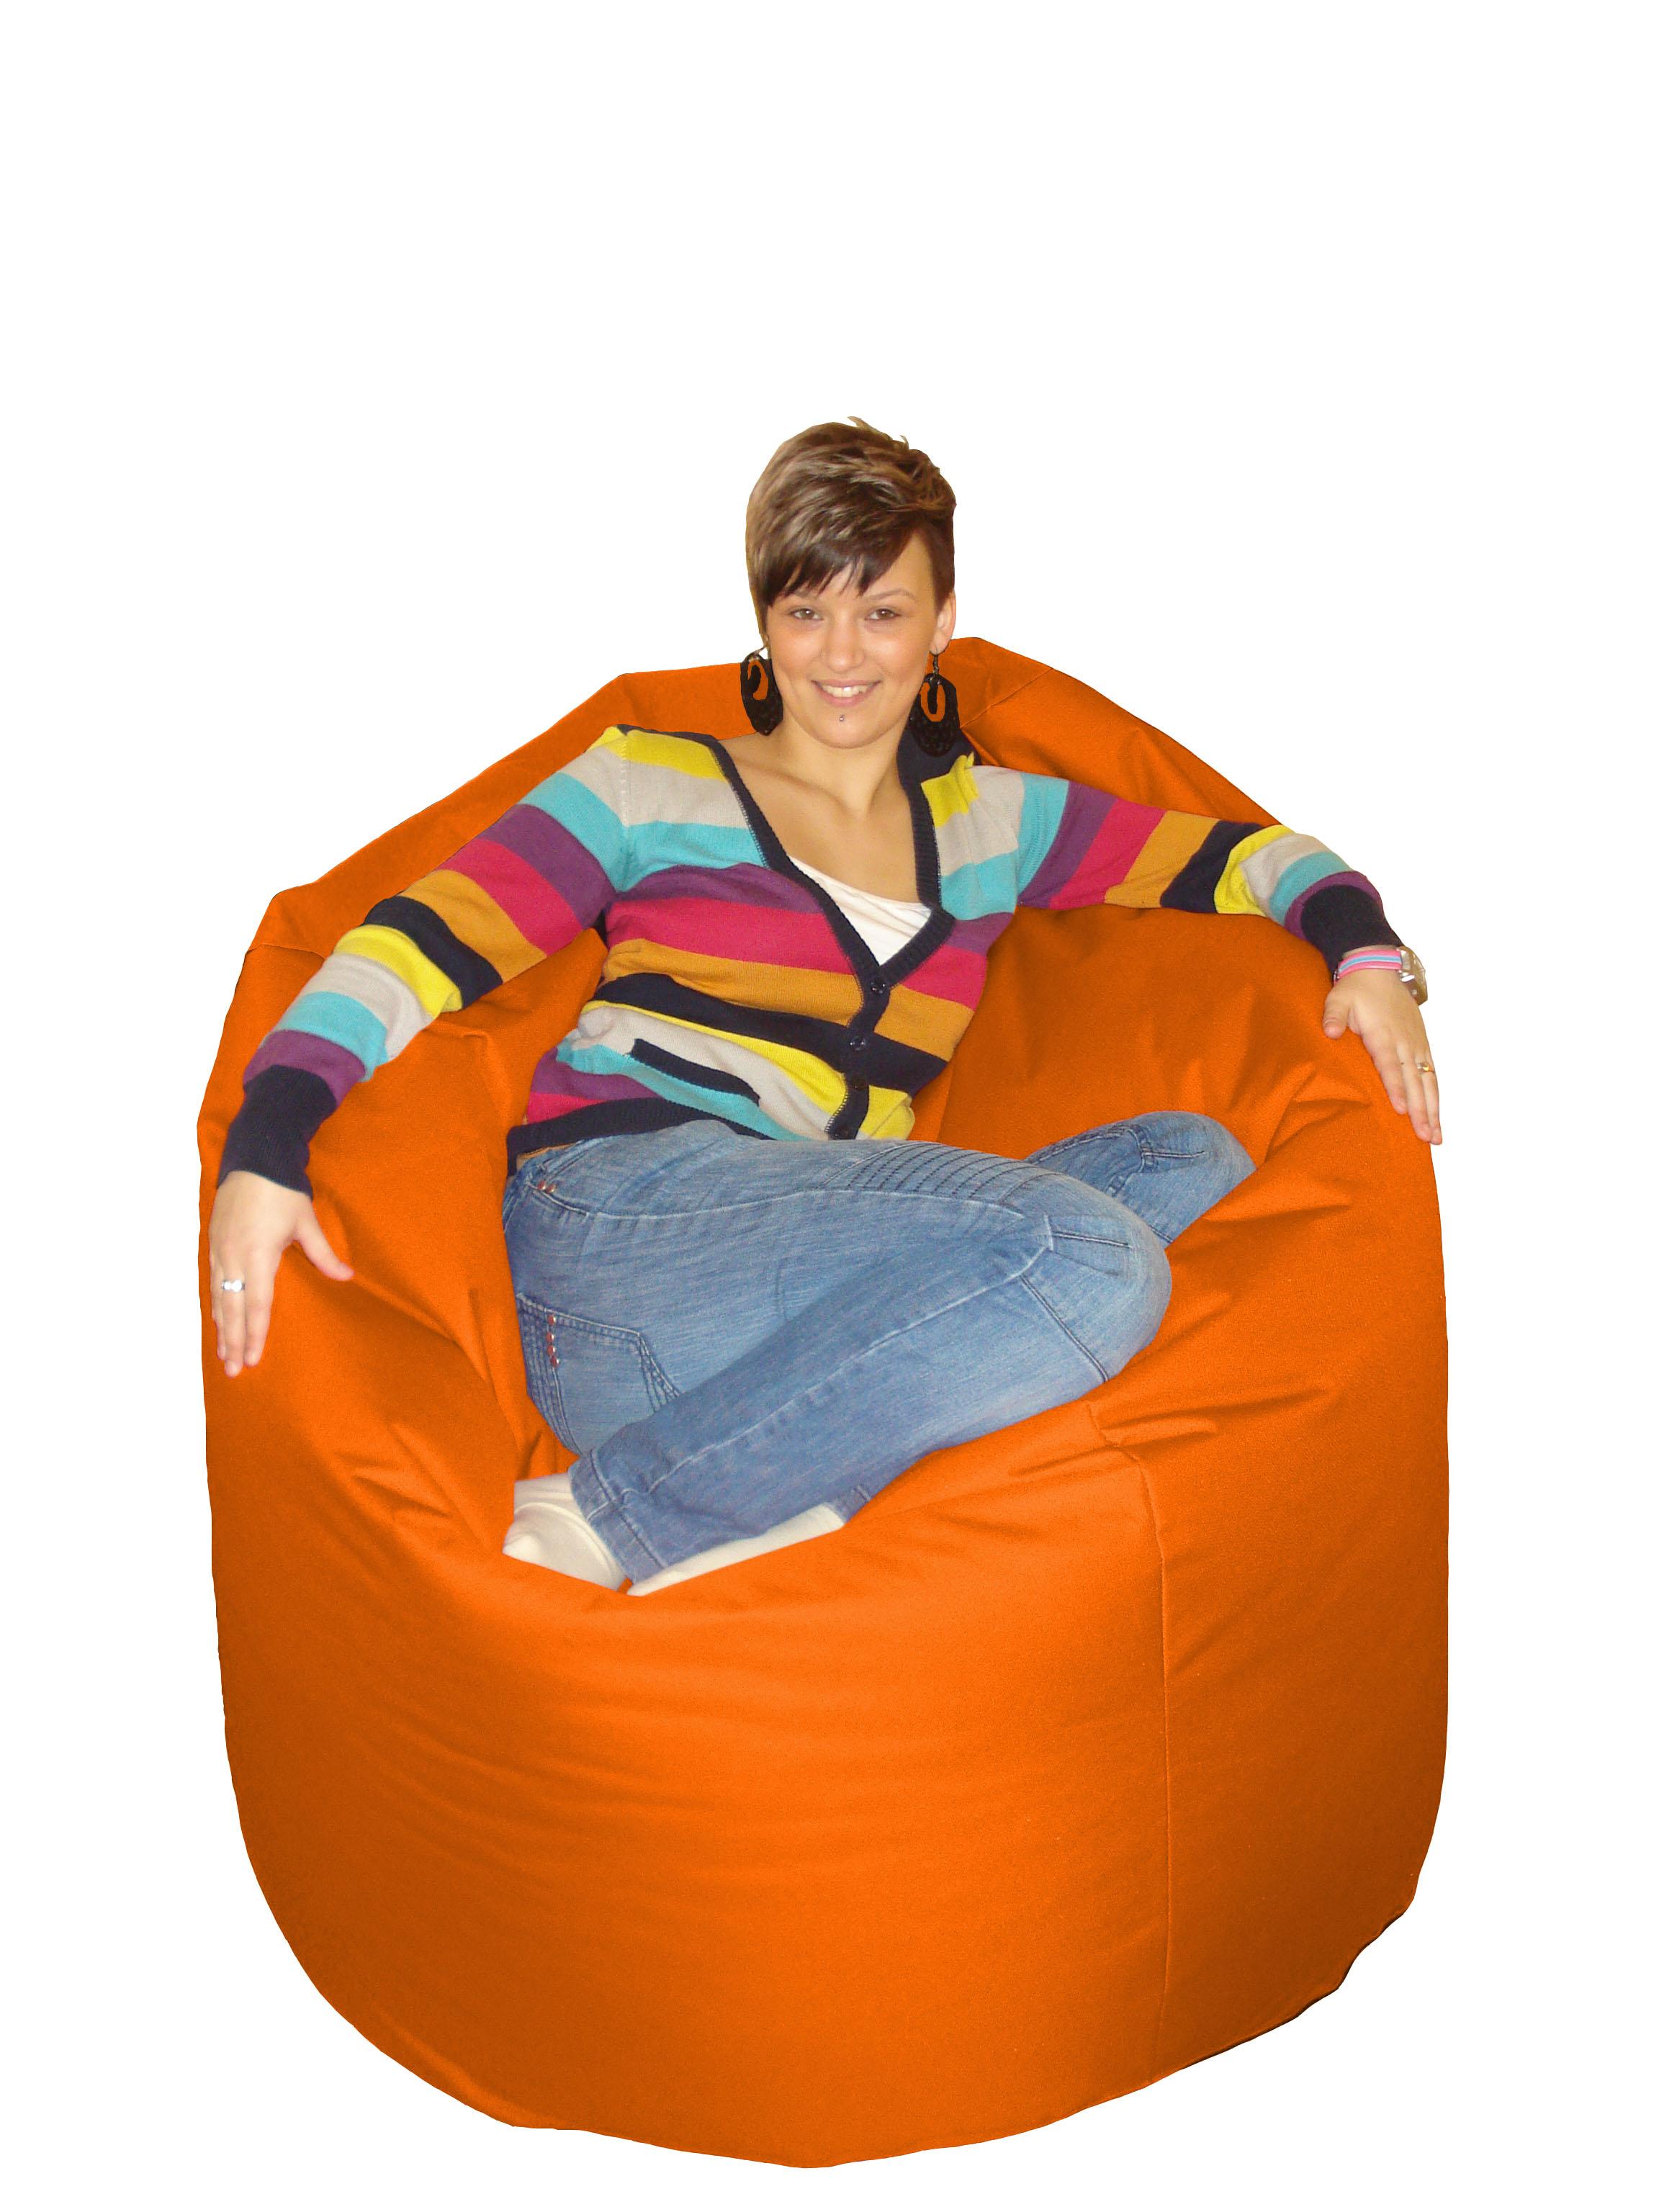 M&M sedací hruška 140X100cm Cool oranžová (oranžová 60012)